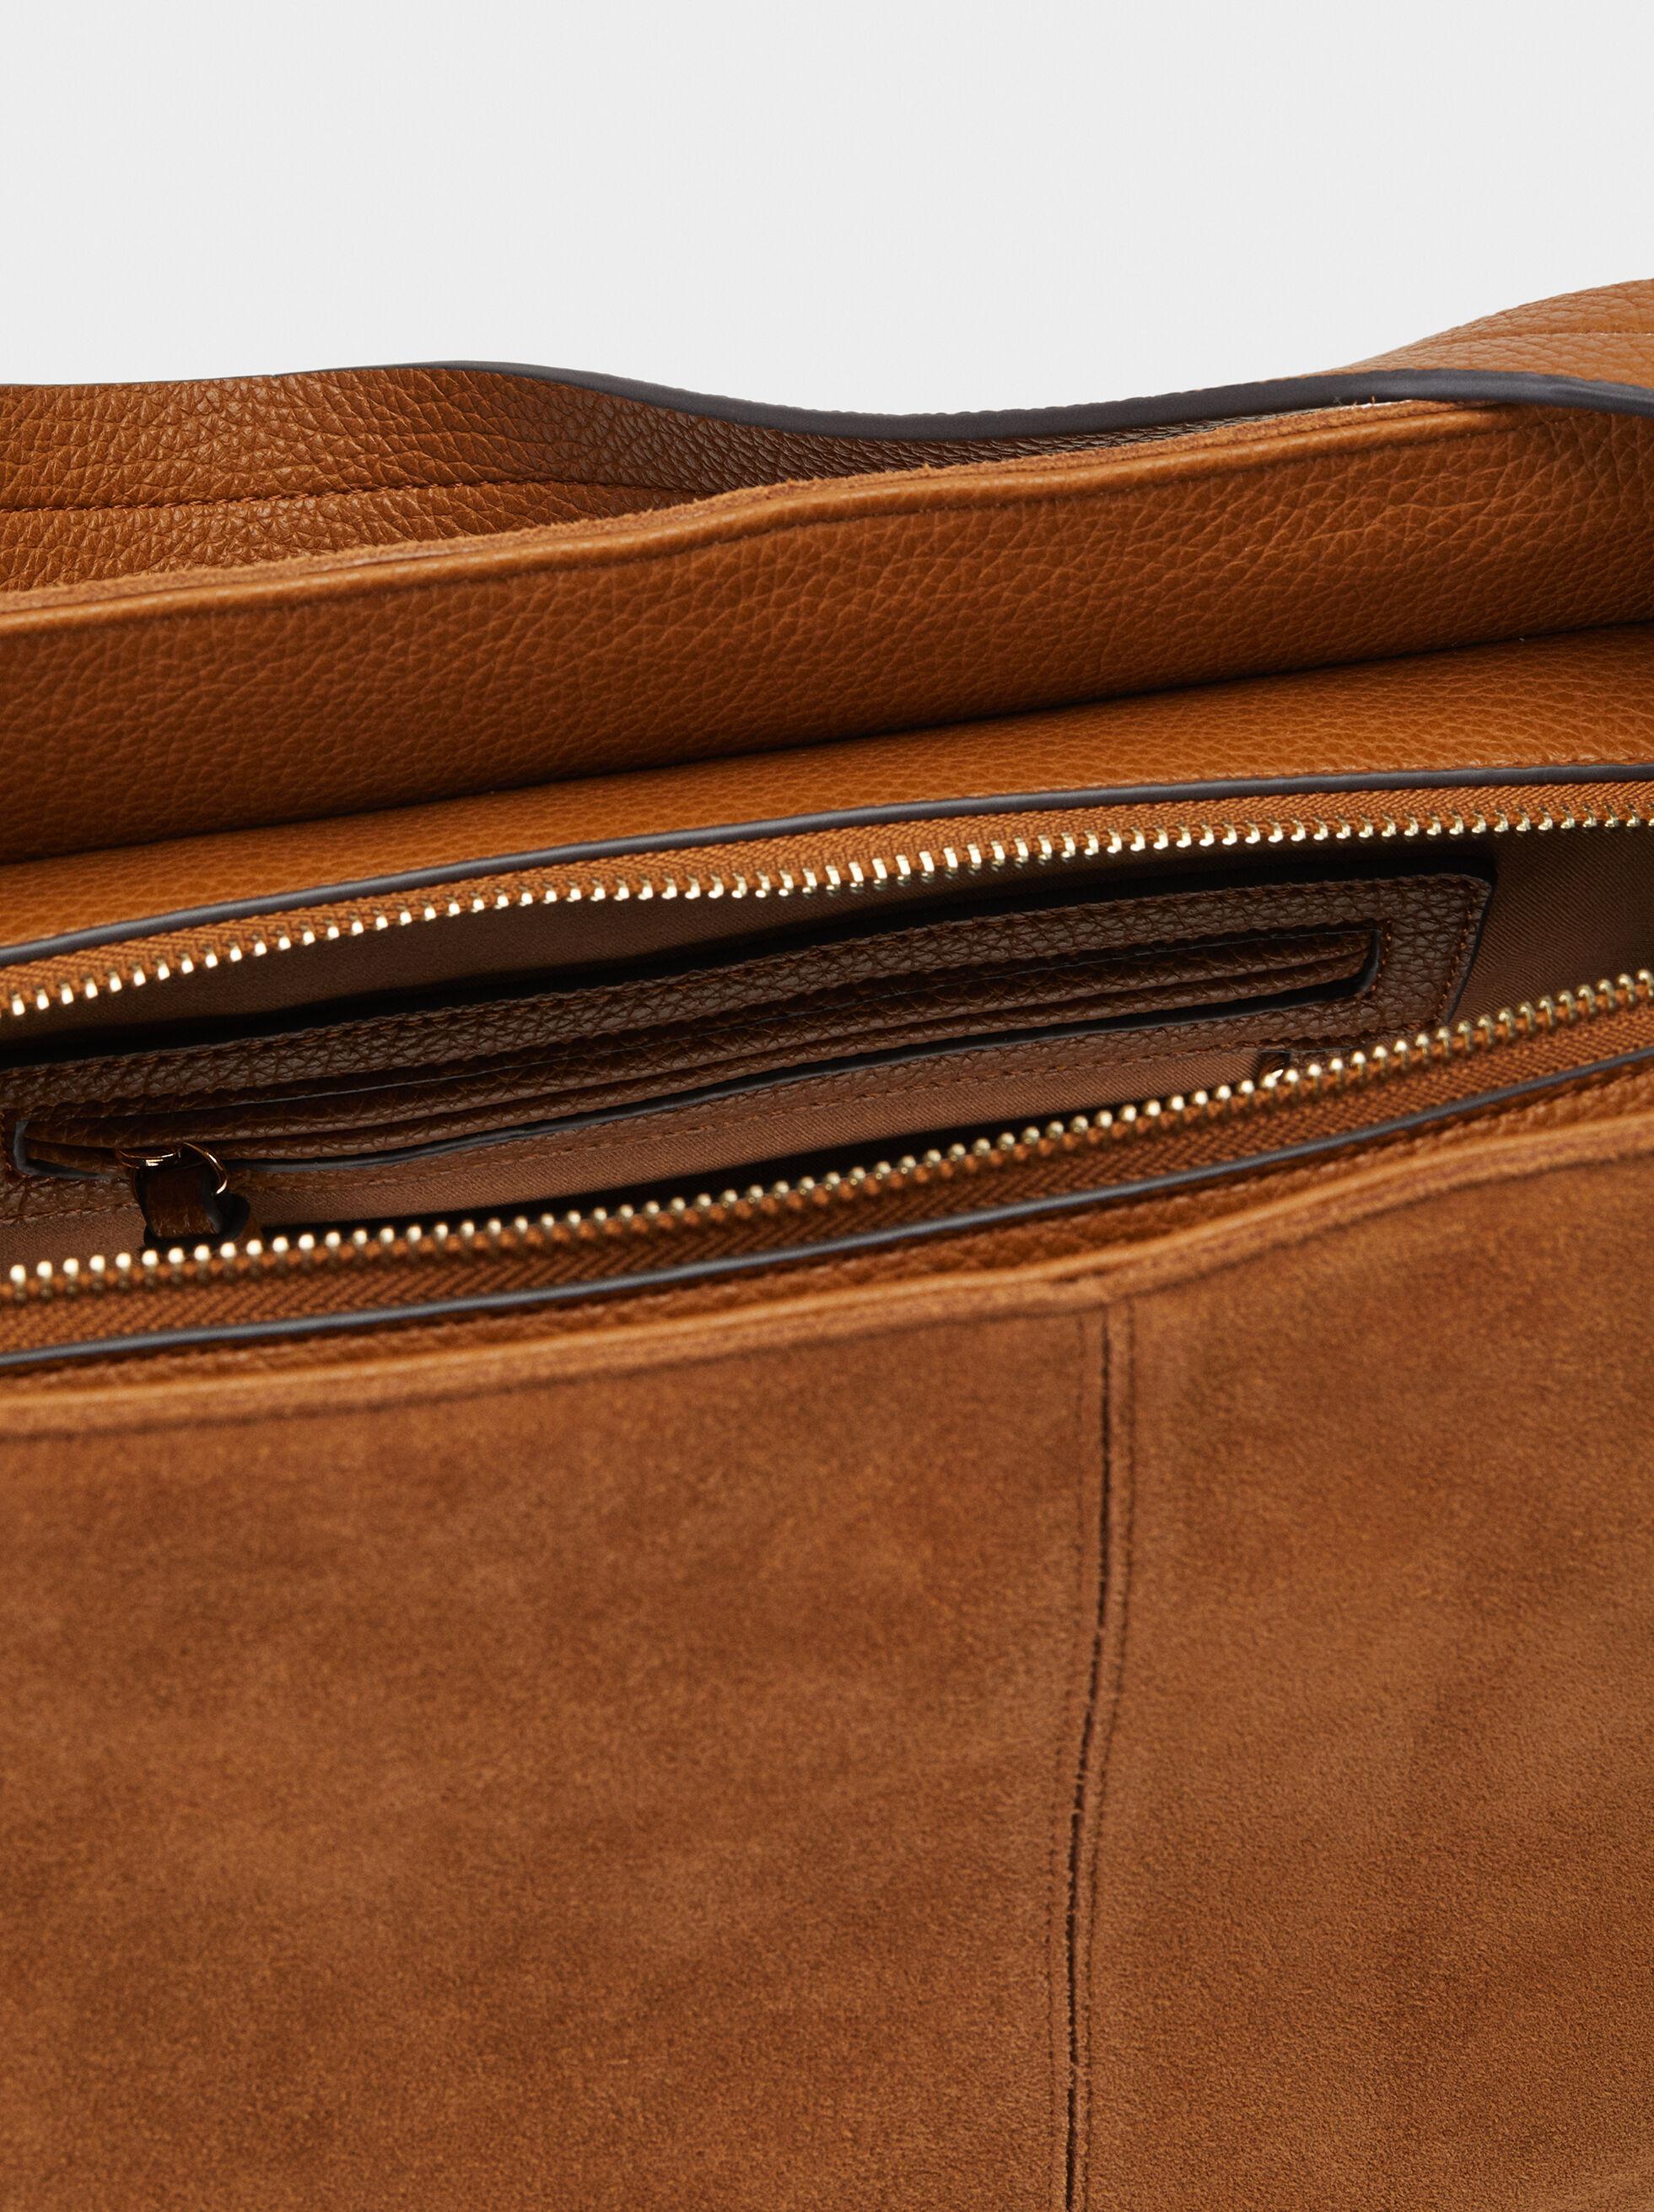 Soak Handbag, Camel, hi-res